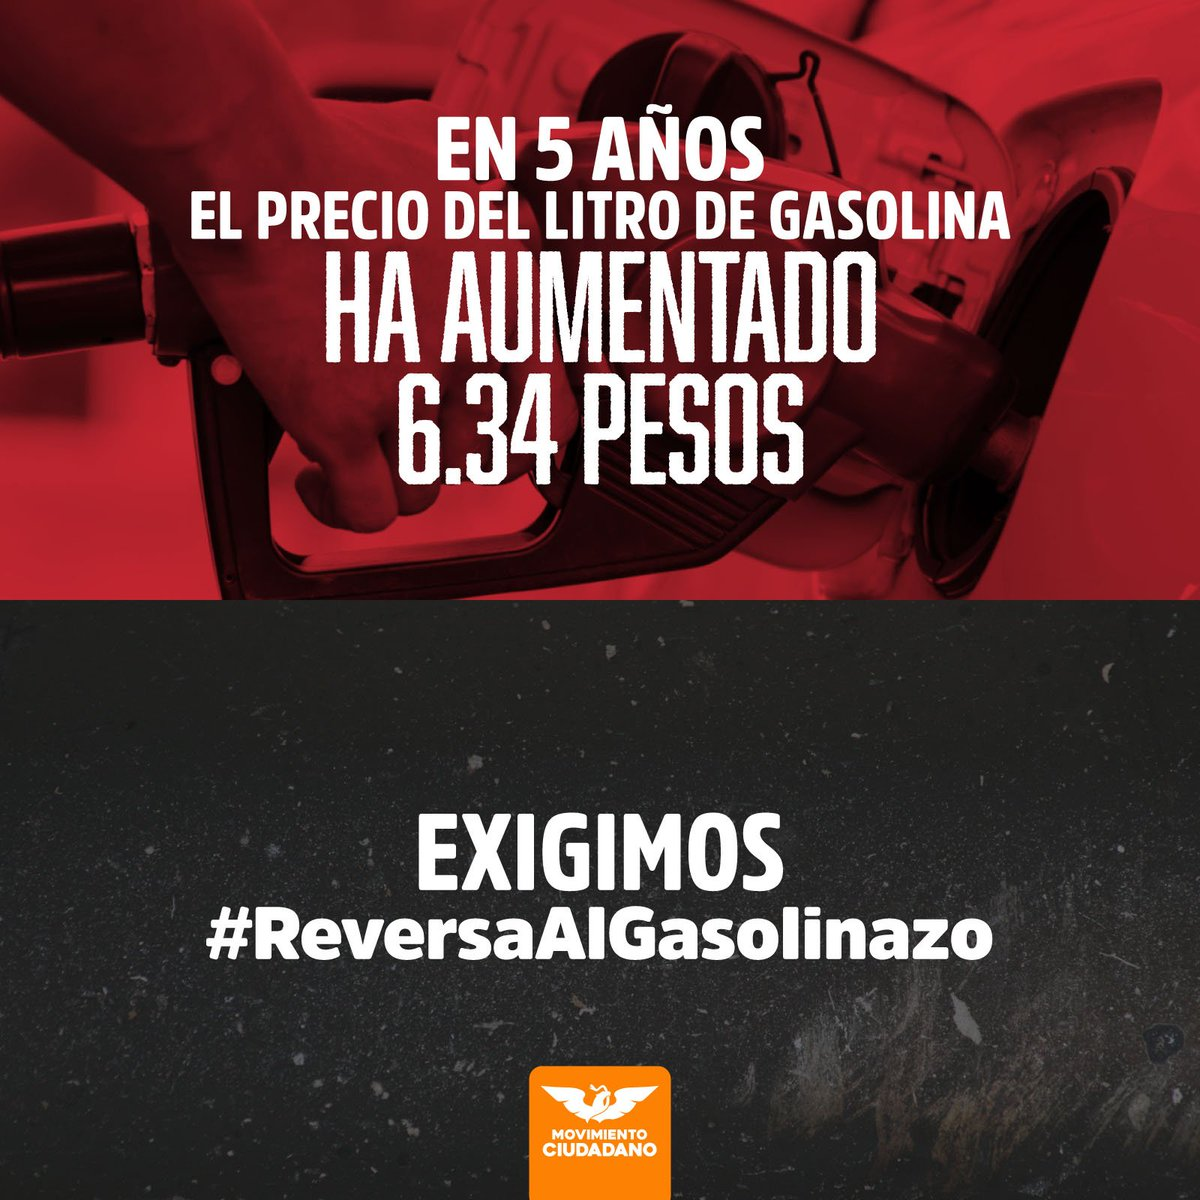 #ApenasEmpezóElAñoYYa subió la gasolina. Nosotros propusimos reducir el IEPS para dar #ReversaALGasolinazo y el régimen congeló la iniciativa. https://t.co/Ltmmd4p1X9